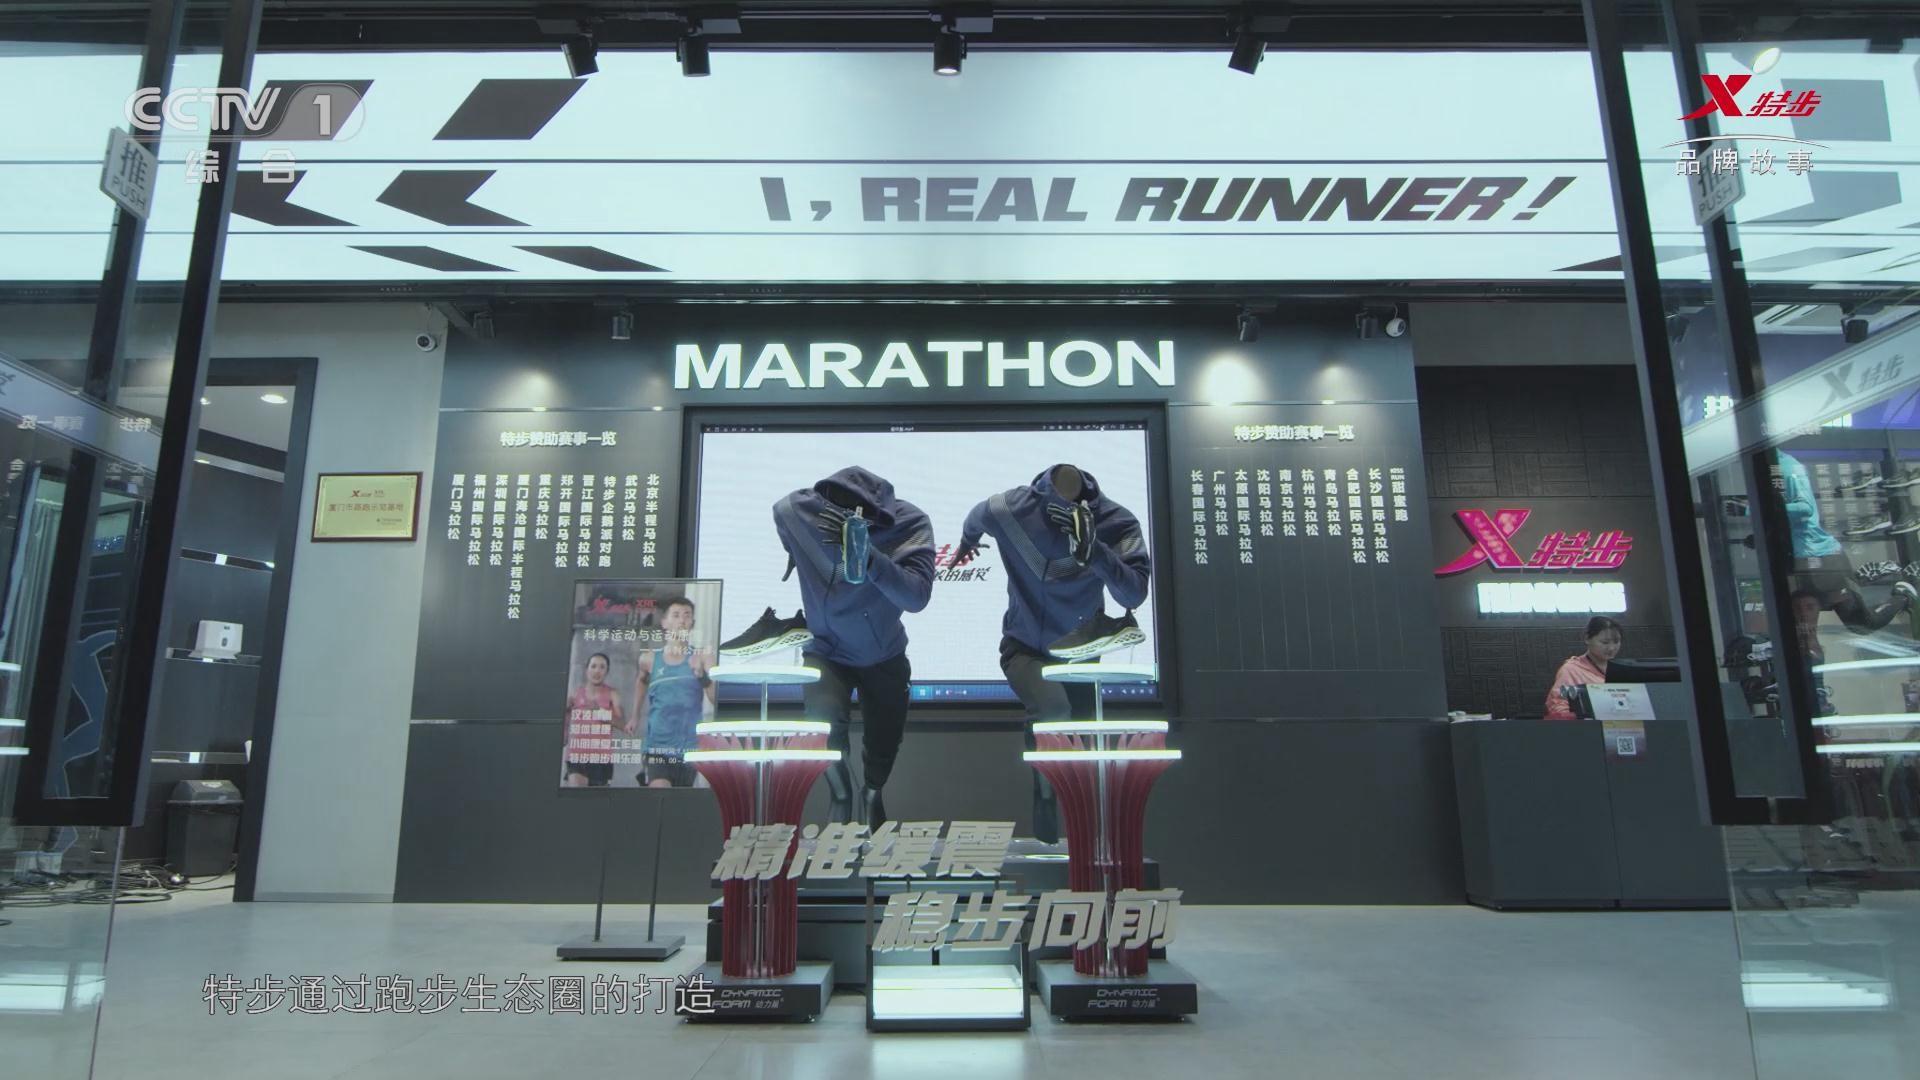 特步携手大国品牌,共筑奔跑的力量